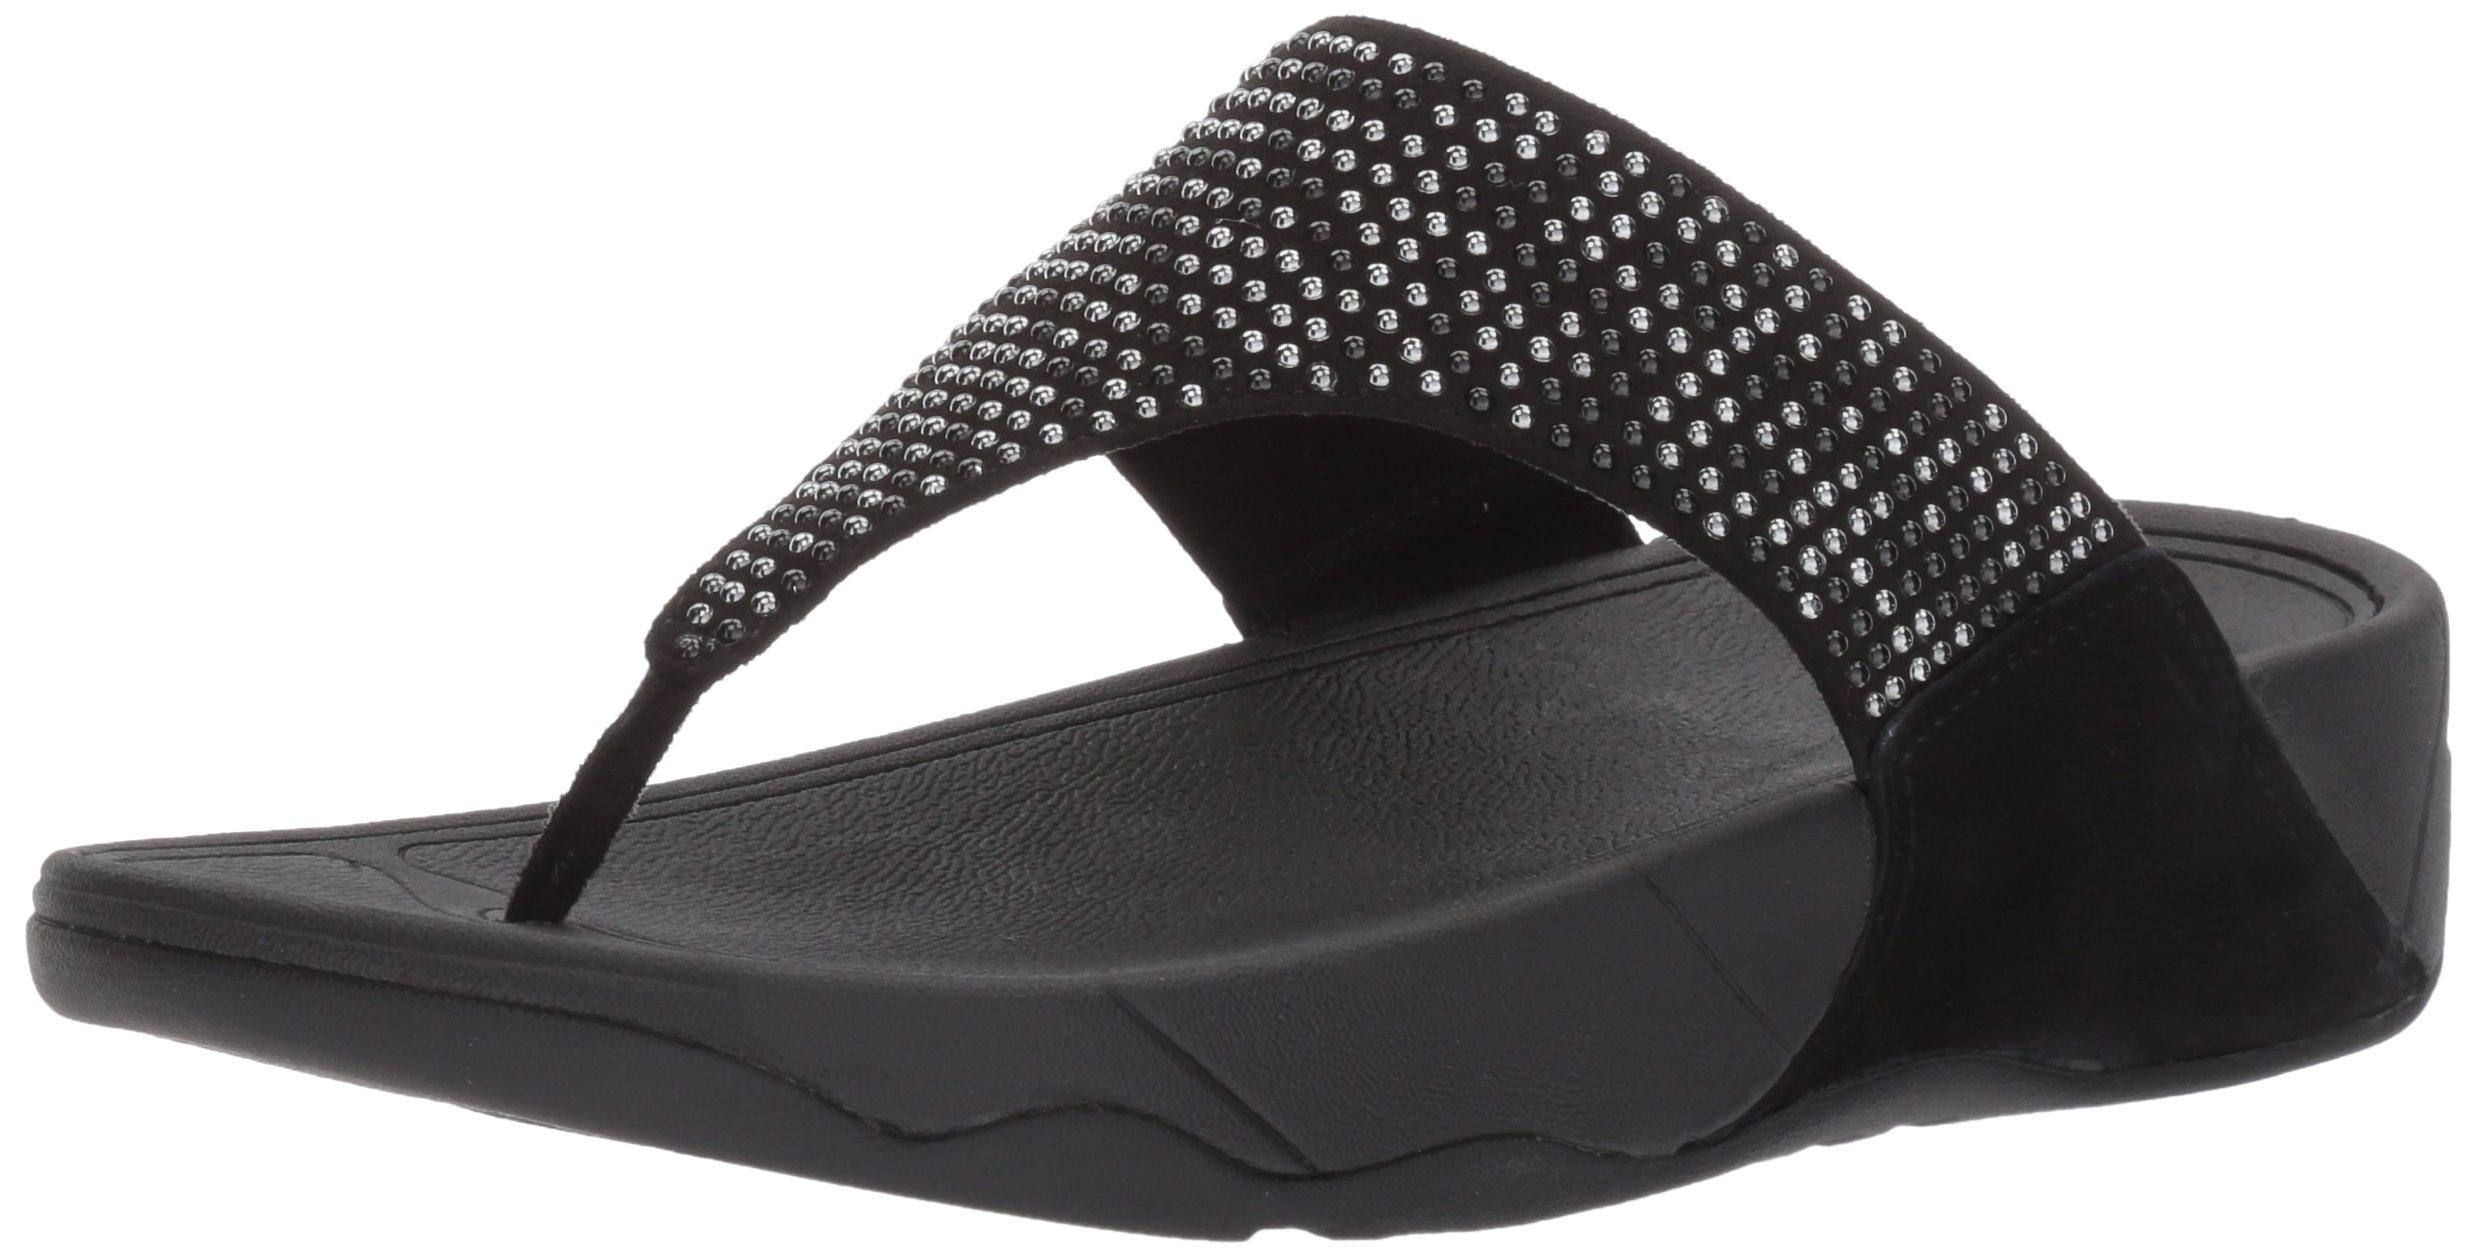 FitFlop Women's Lulu Popstud Flip Flop, Black, 9 M US by FitFlop